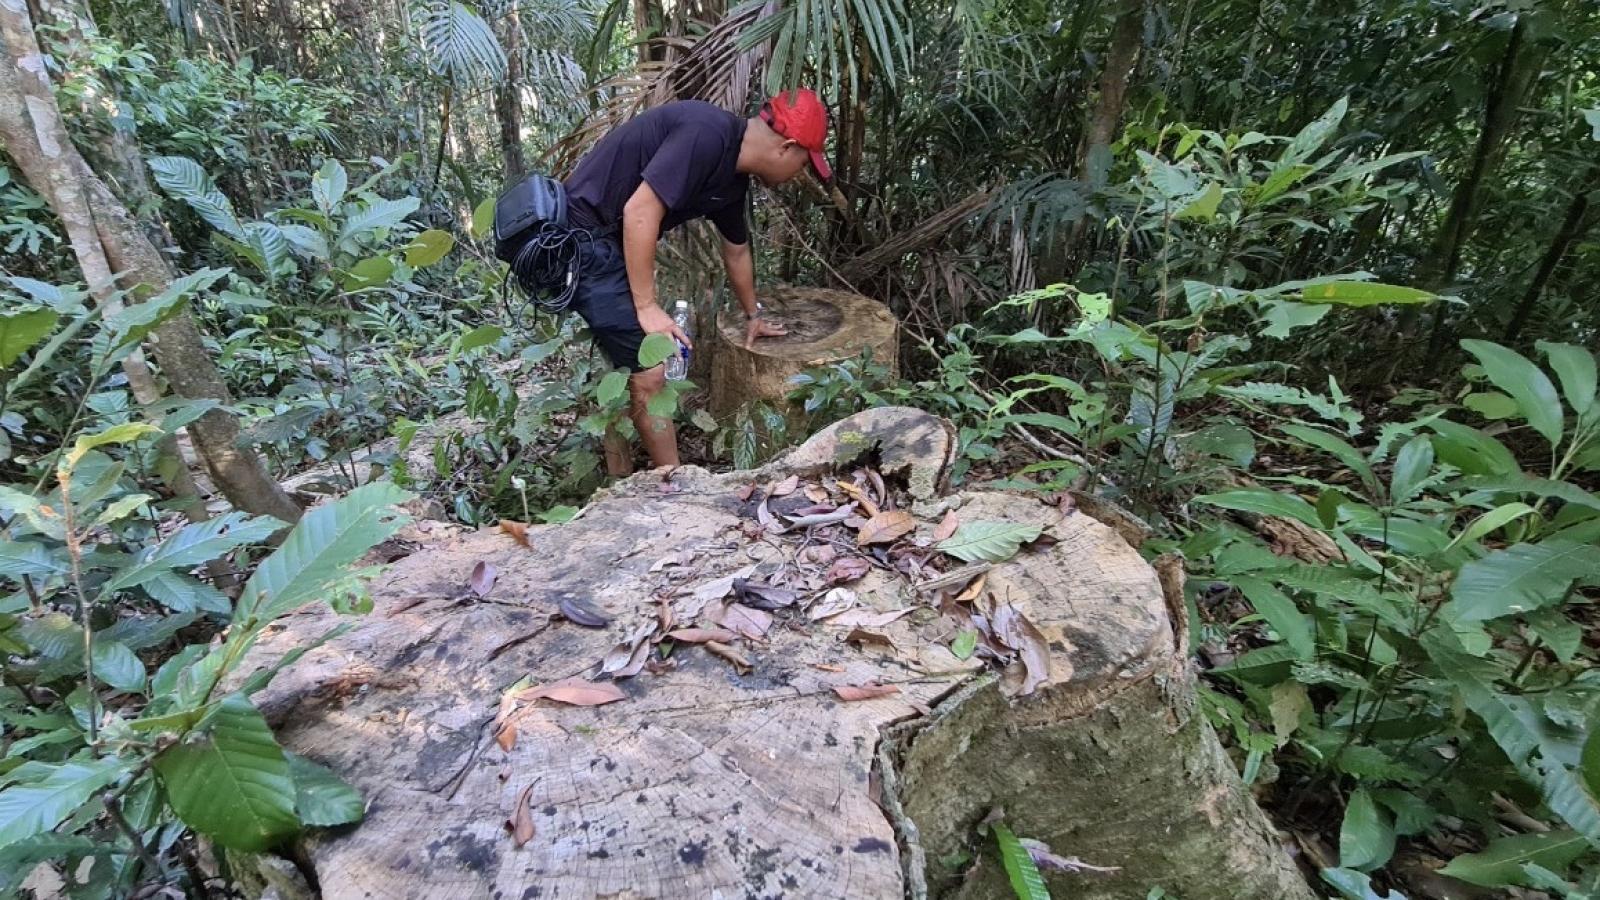 Khởi tố vụ phá rừng cổ thụ ở xã Đăk Roong-Kbang, Gia Lai